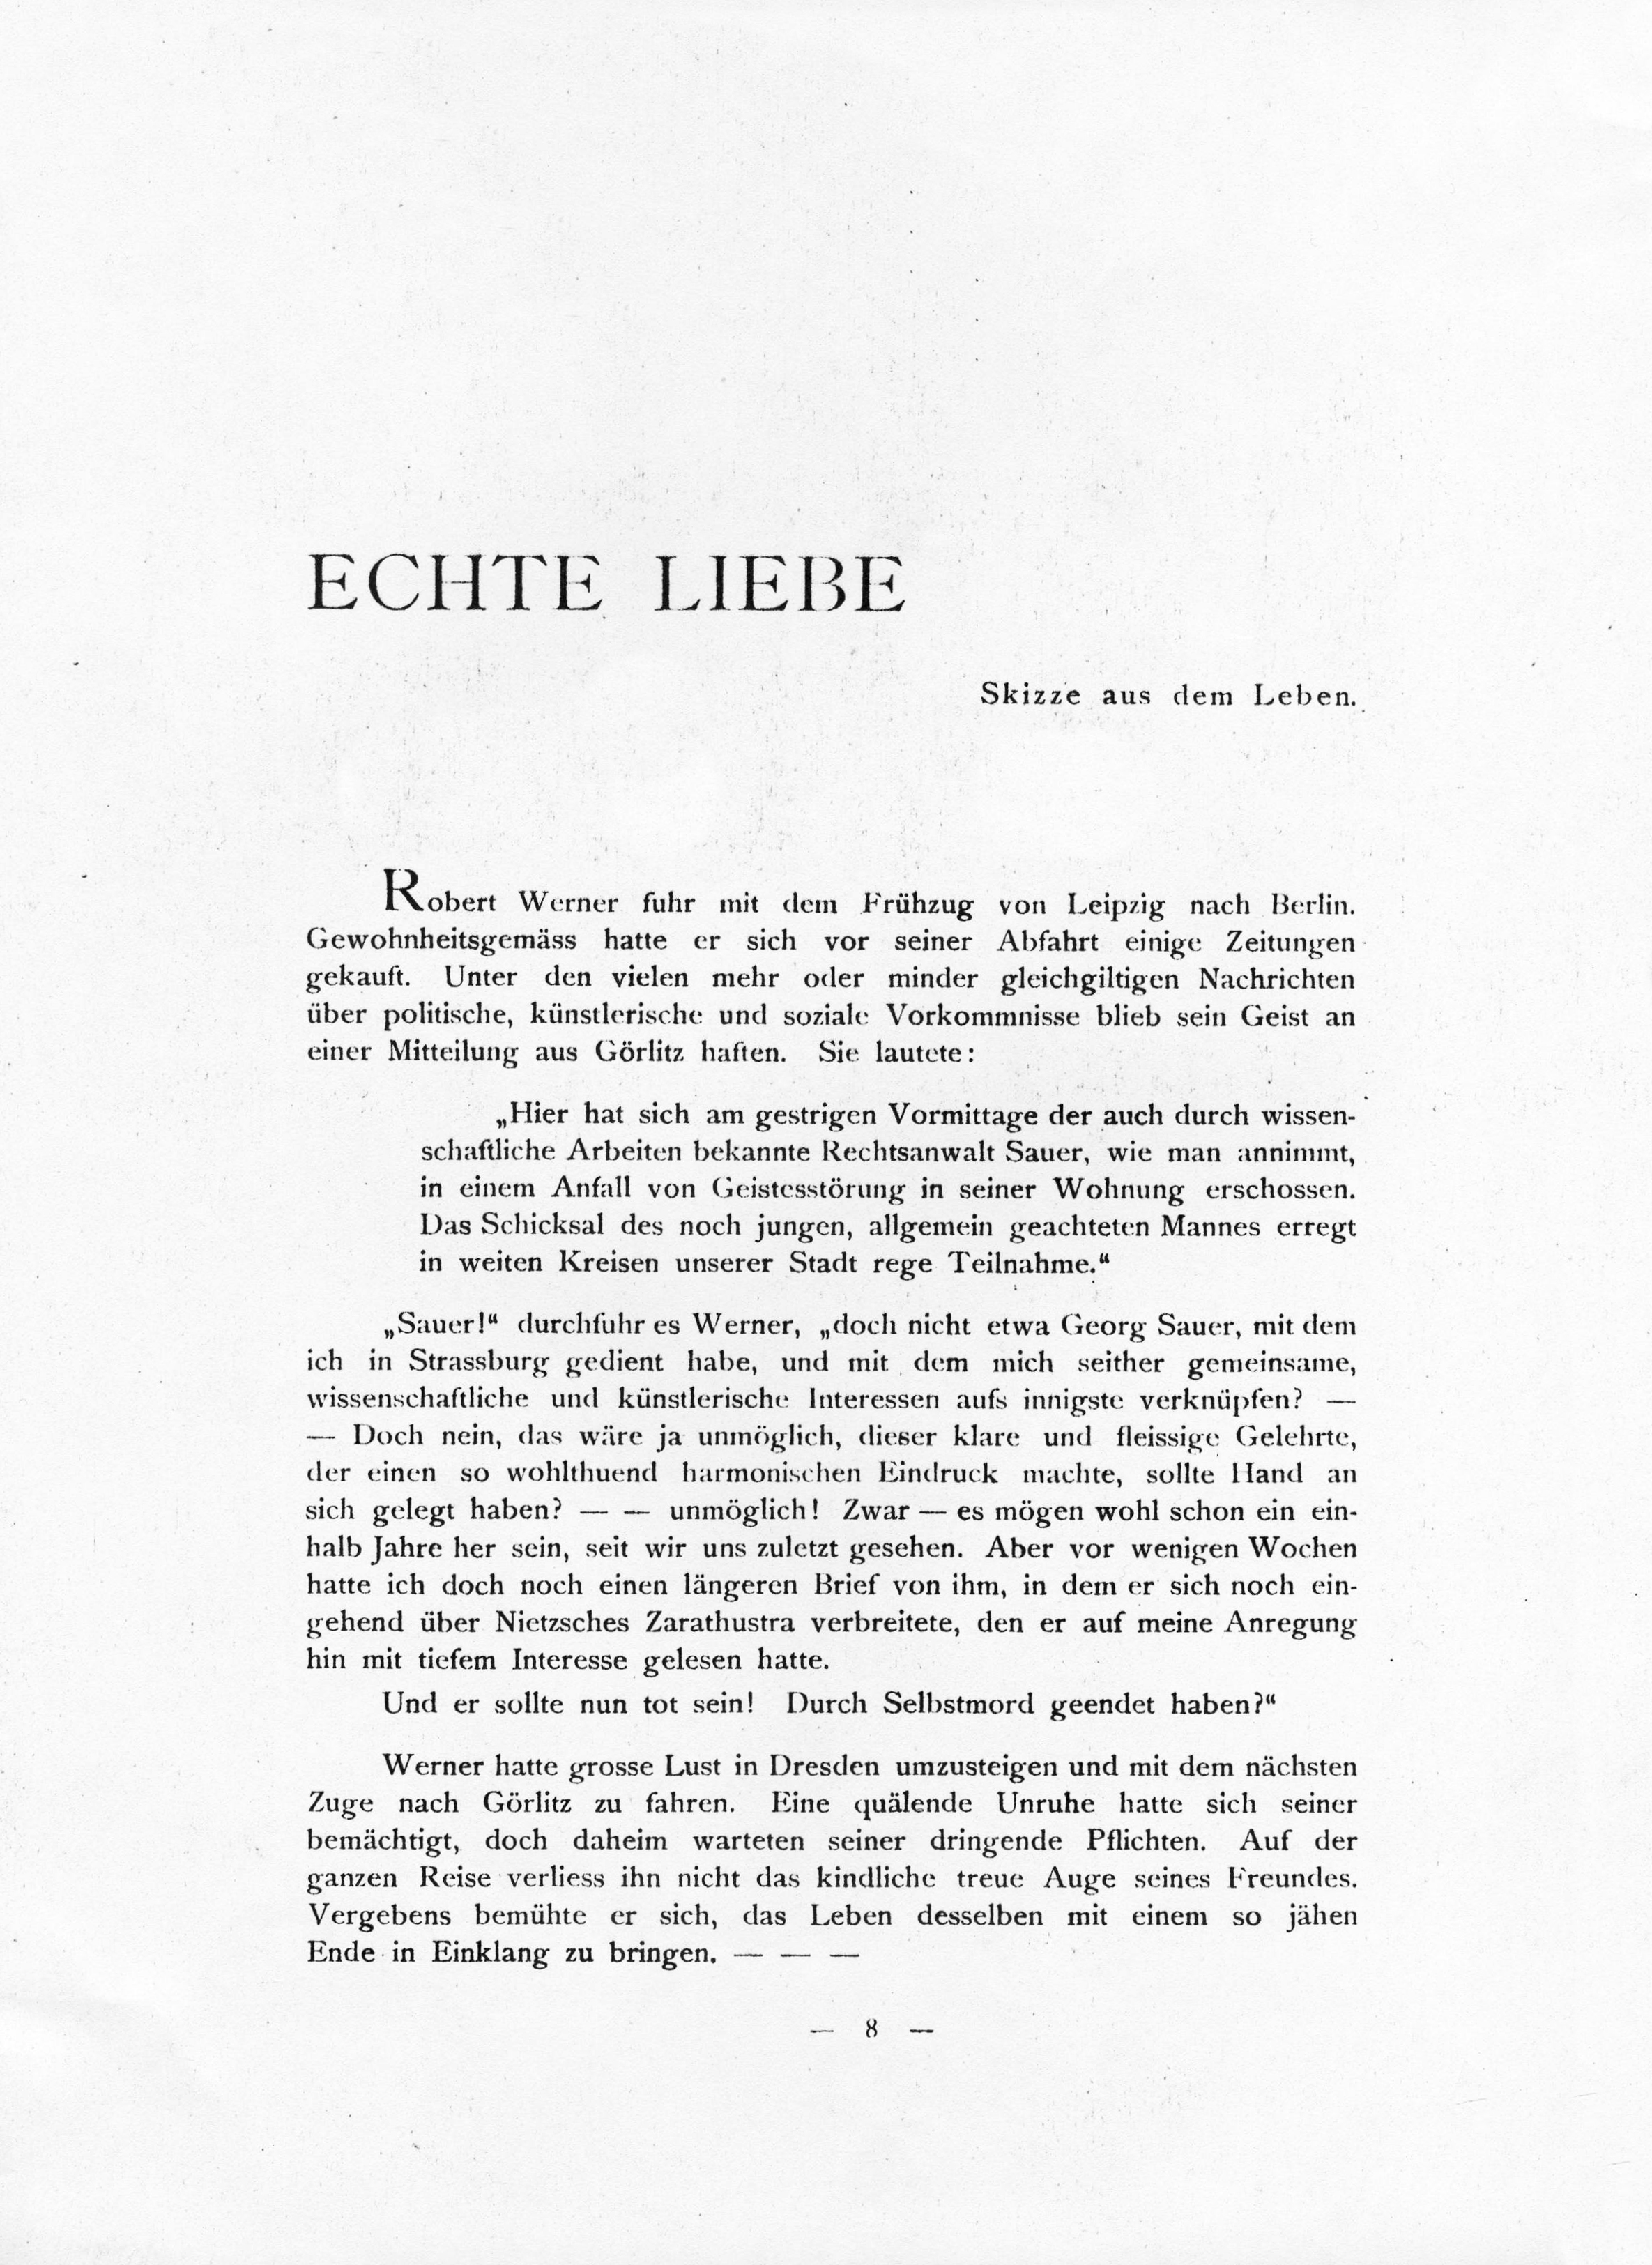 Der_Eigene_1898_vol_2 (1)